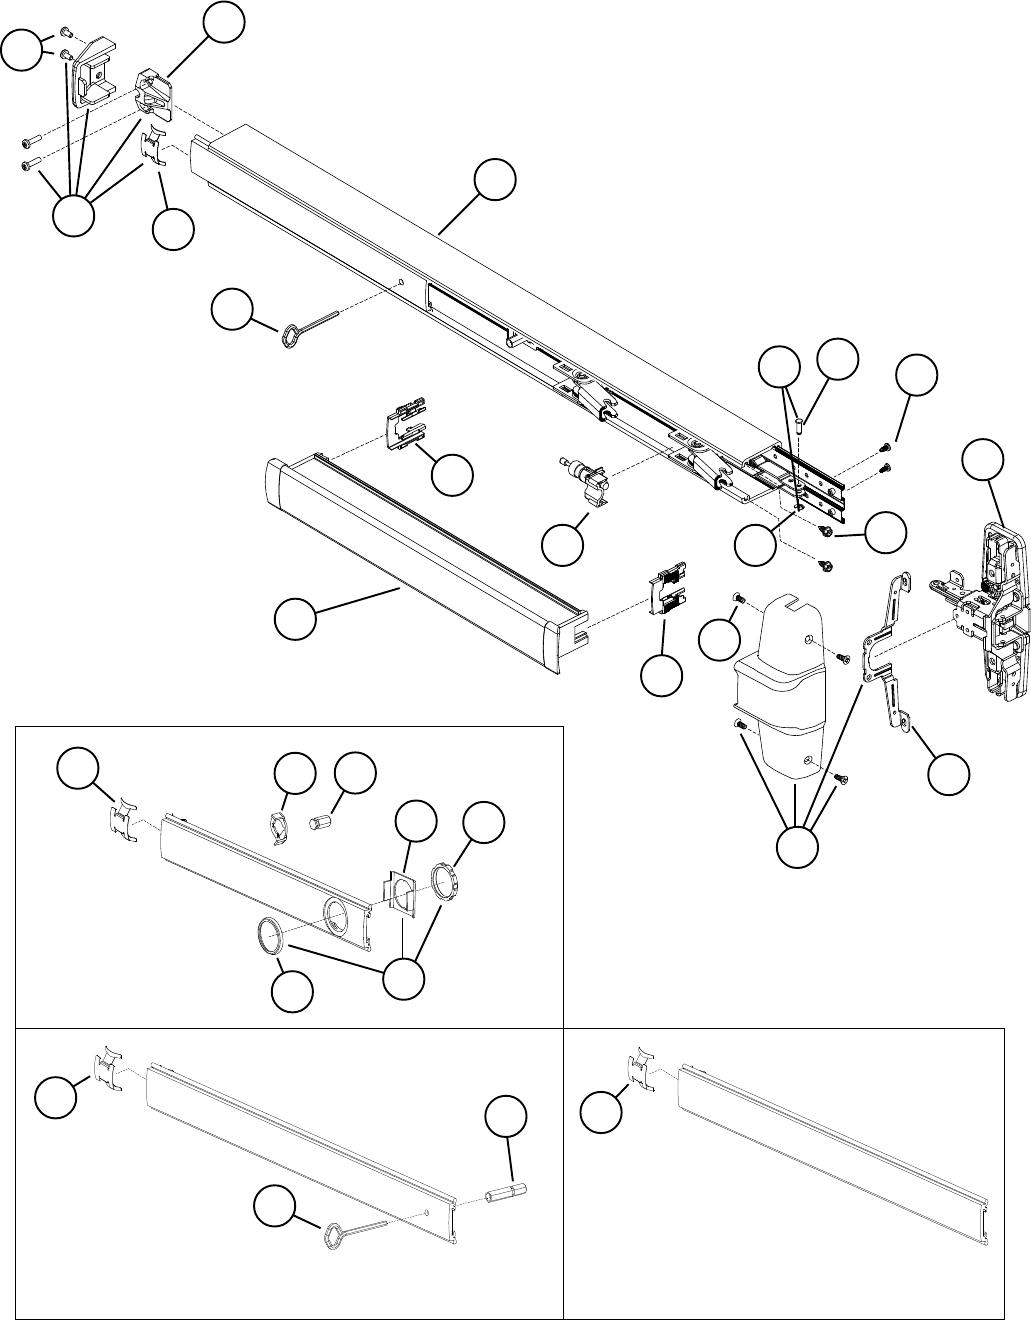 Von Duprin 98/9927 Surface Vertical Rod Exit Device 108731